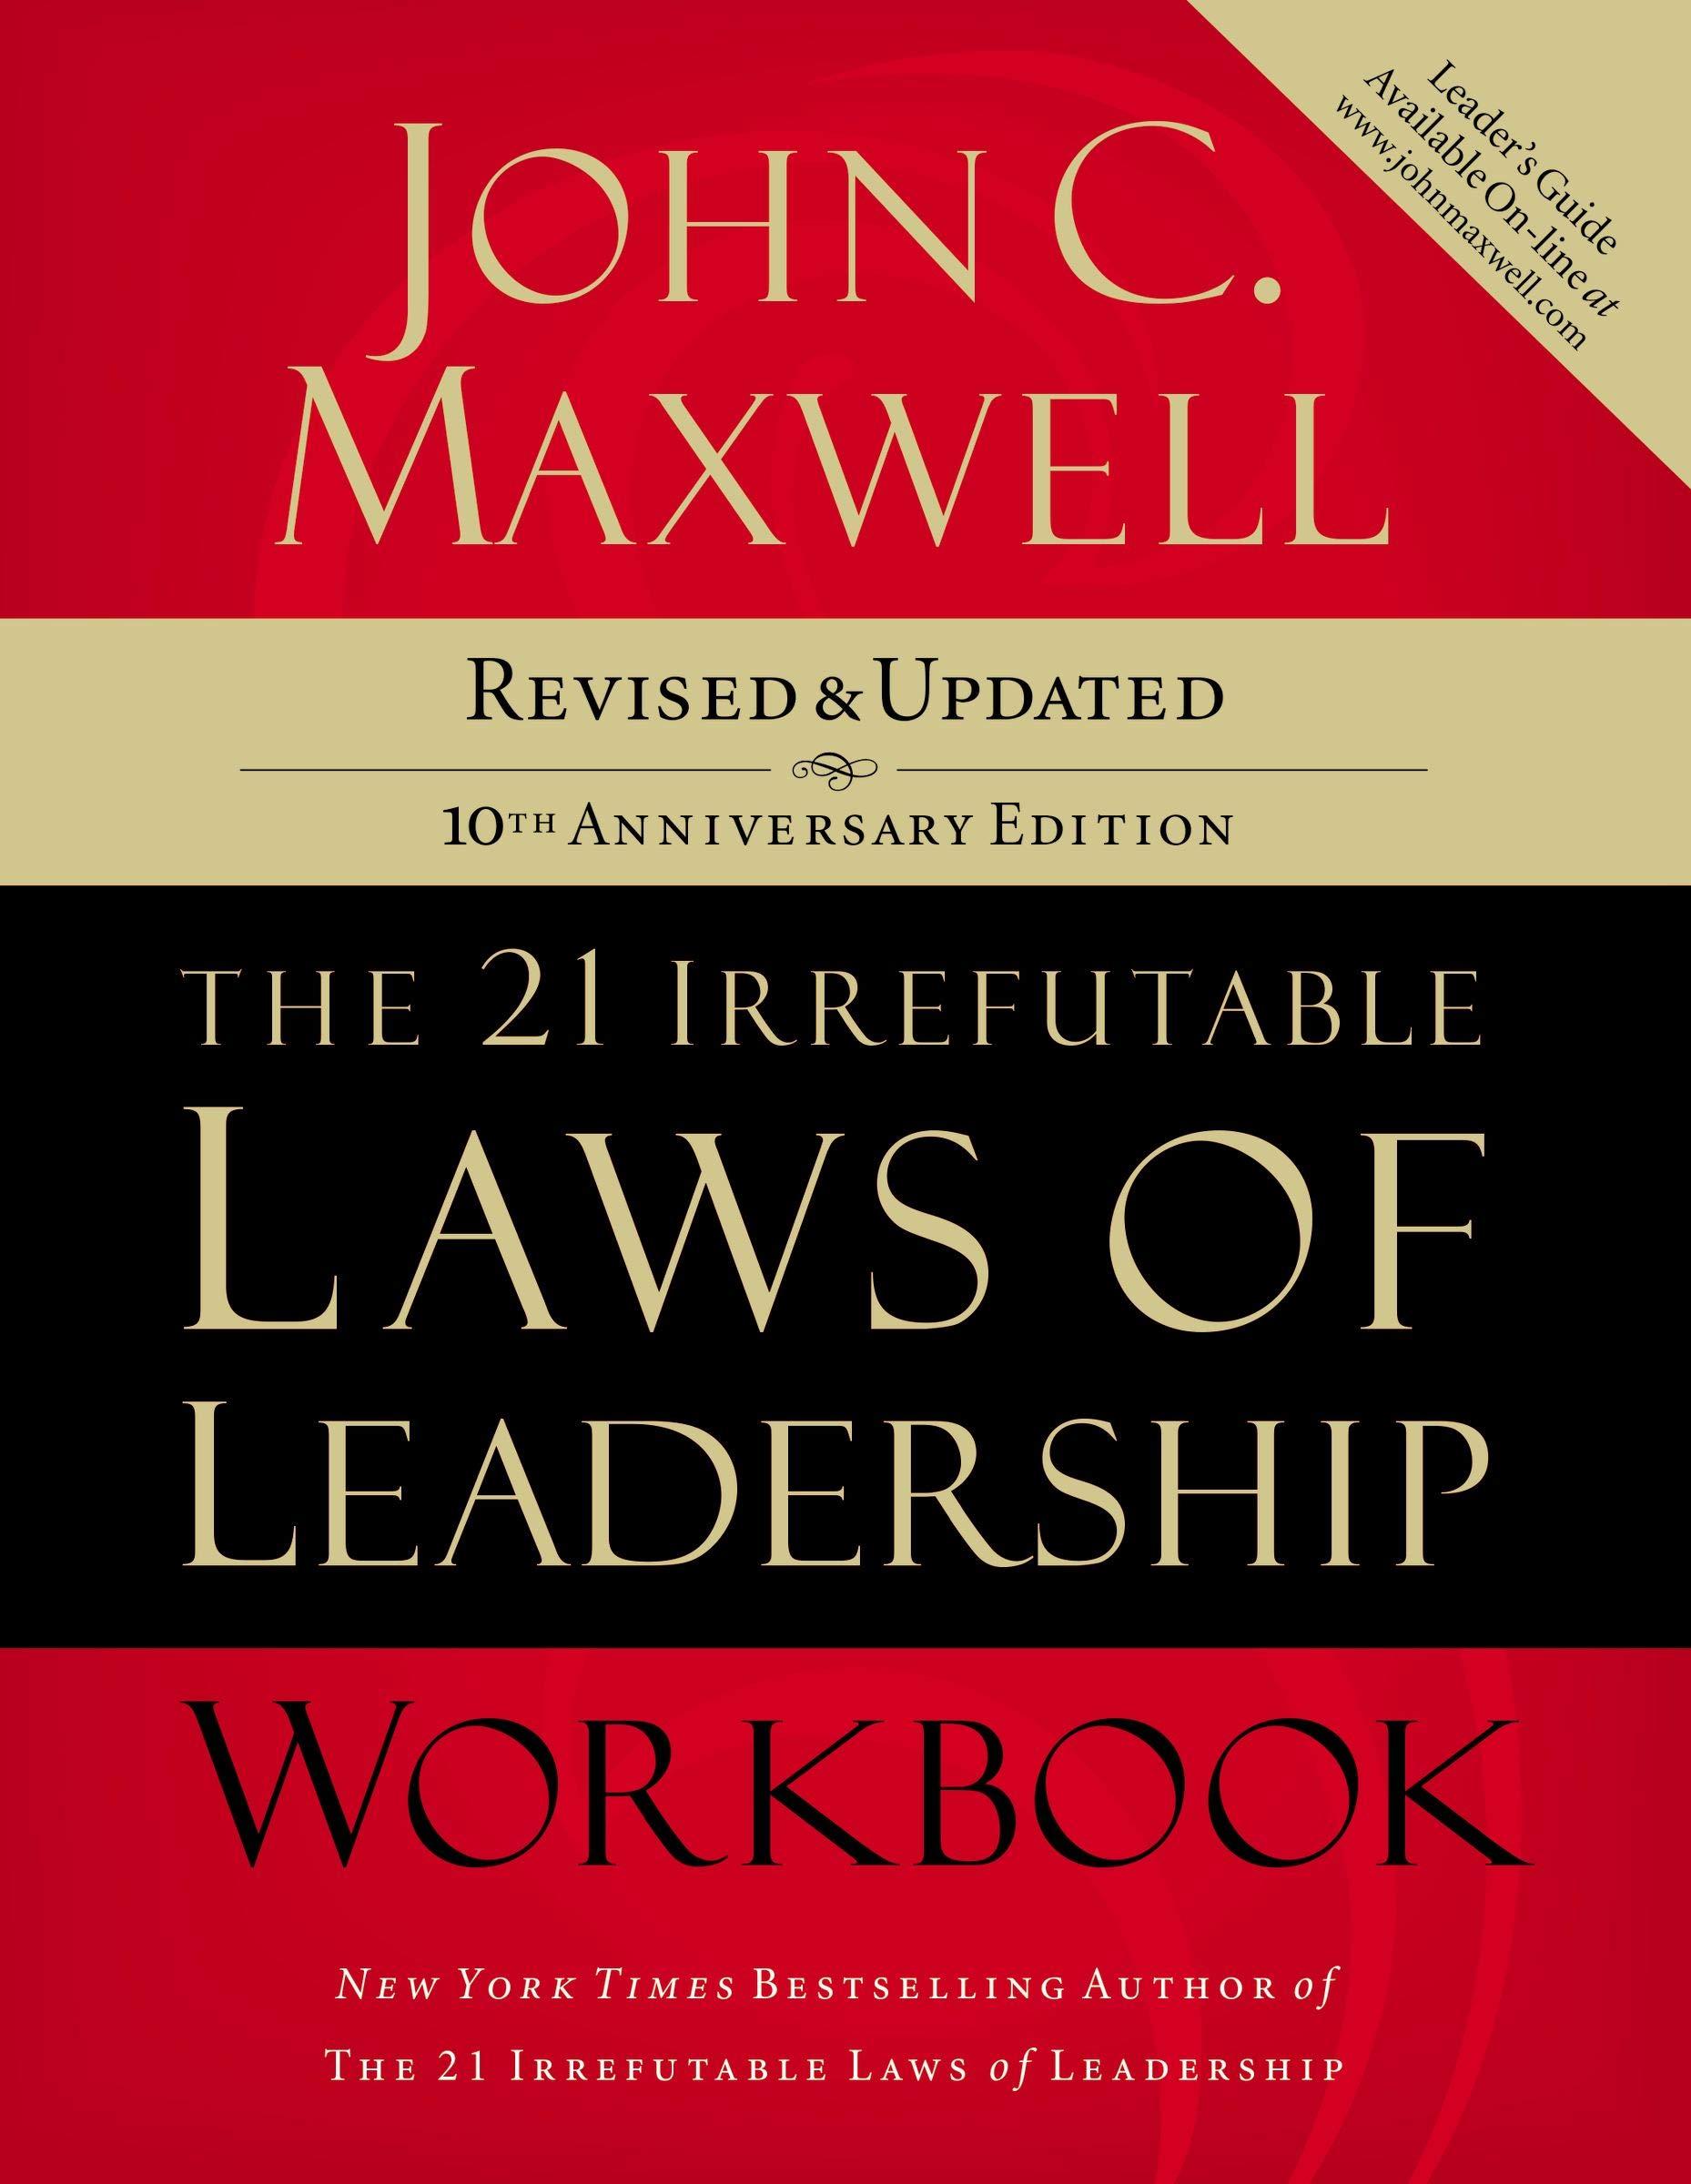 21 IRREFUTABLE LAW OF LEADERSHIP WORKSHEET   BUY 21 IRREFUTABLE LAWS OF LEADERSHIP